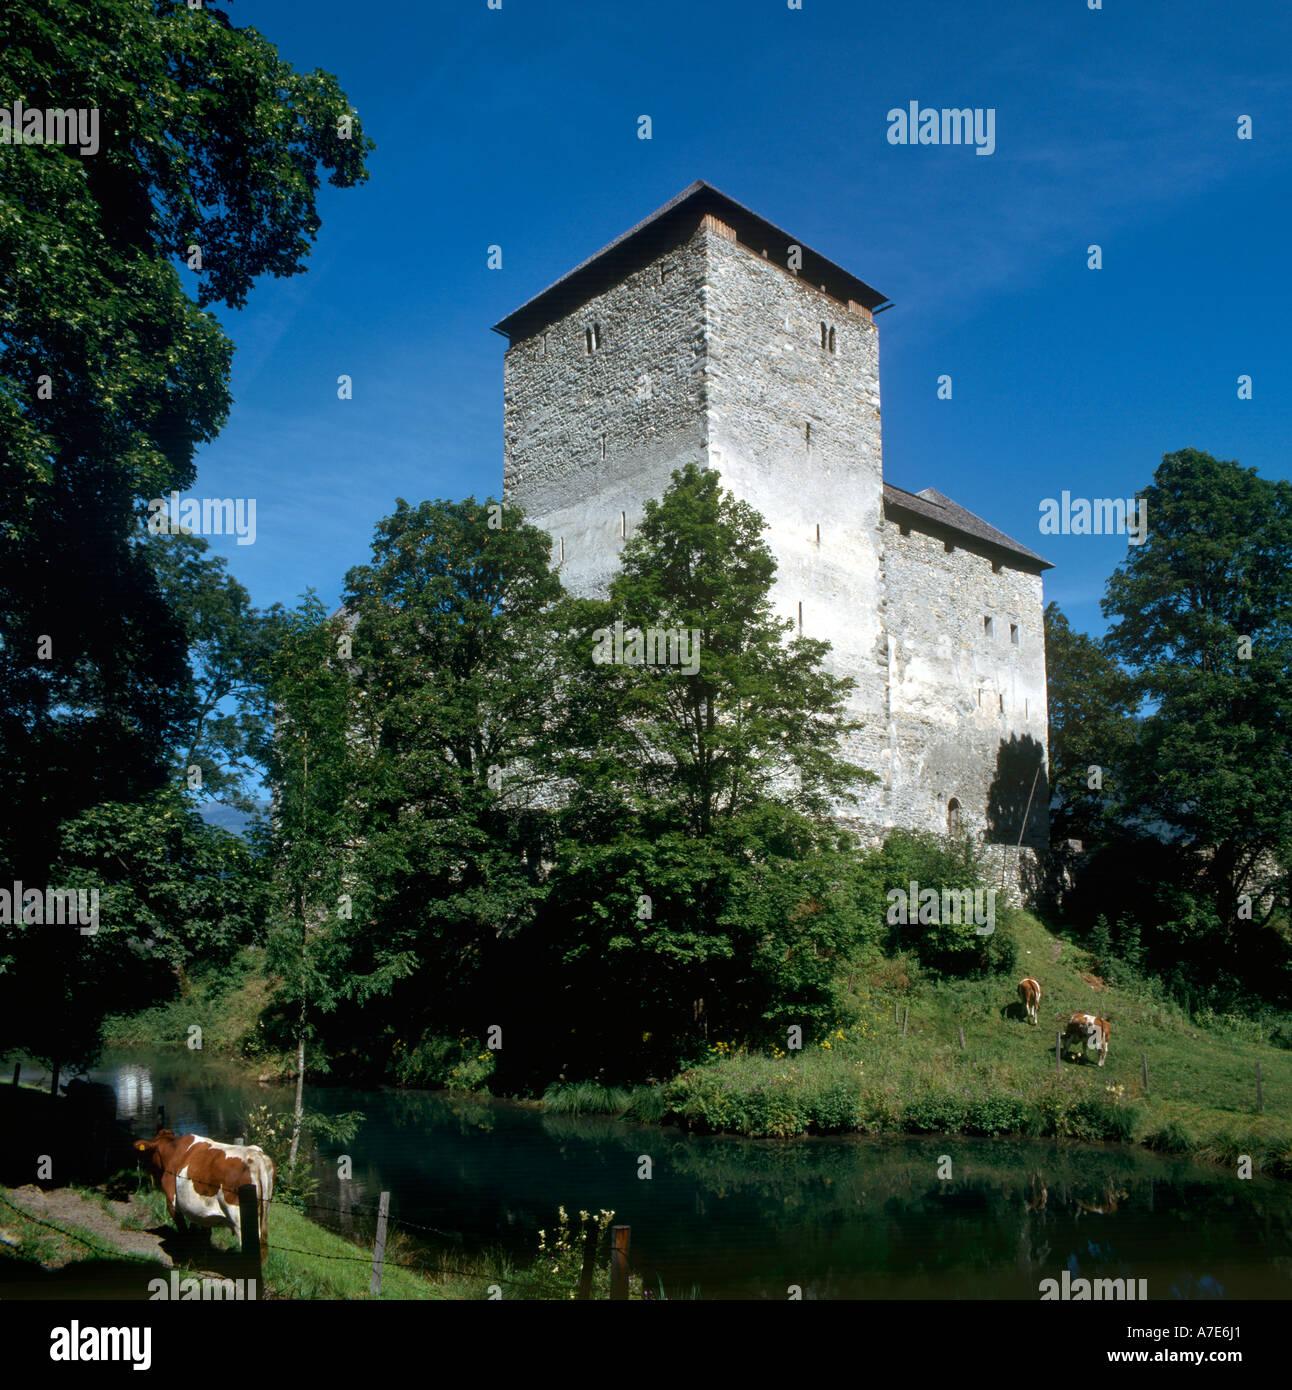 Haus Am See Zell Am See Austria Bookingcom: Kaprun Austria Summer Stock Photos & Kaprun Austria Summer